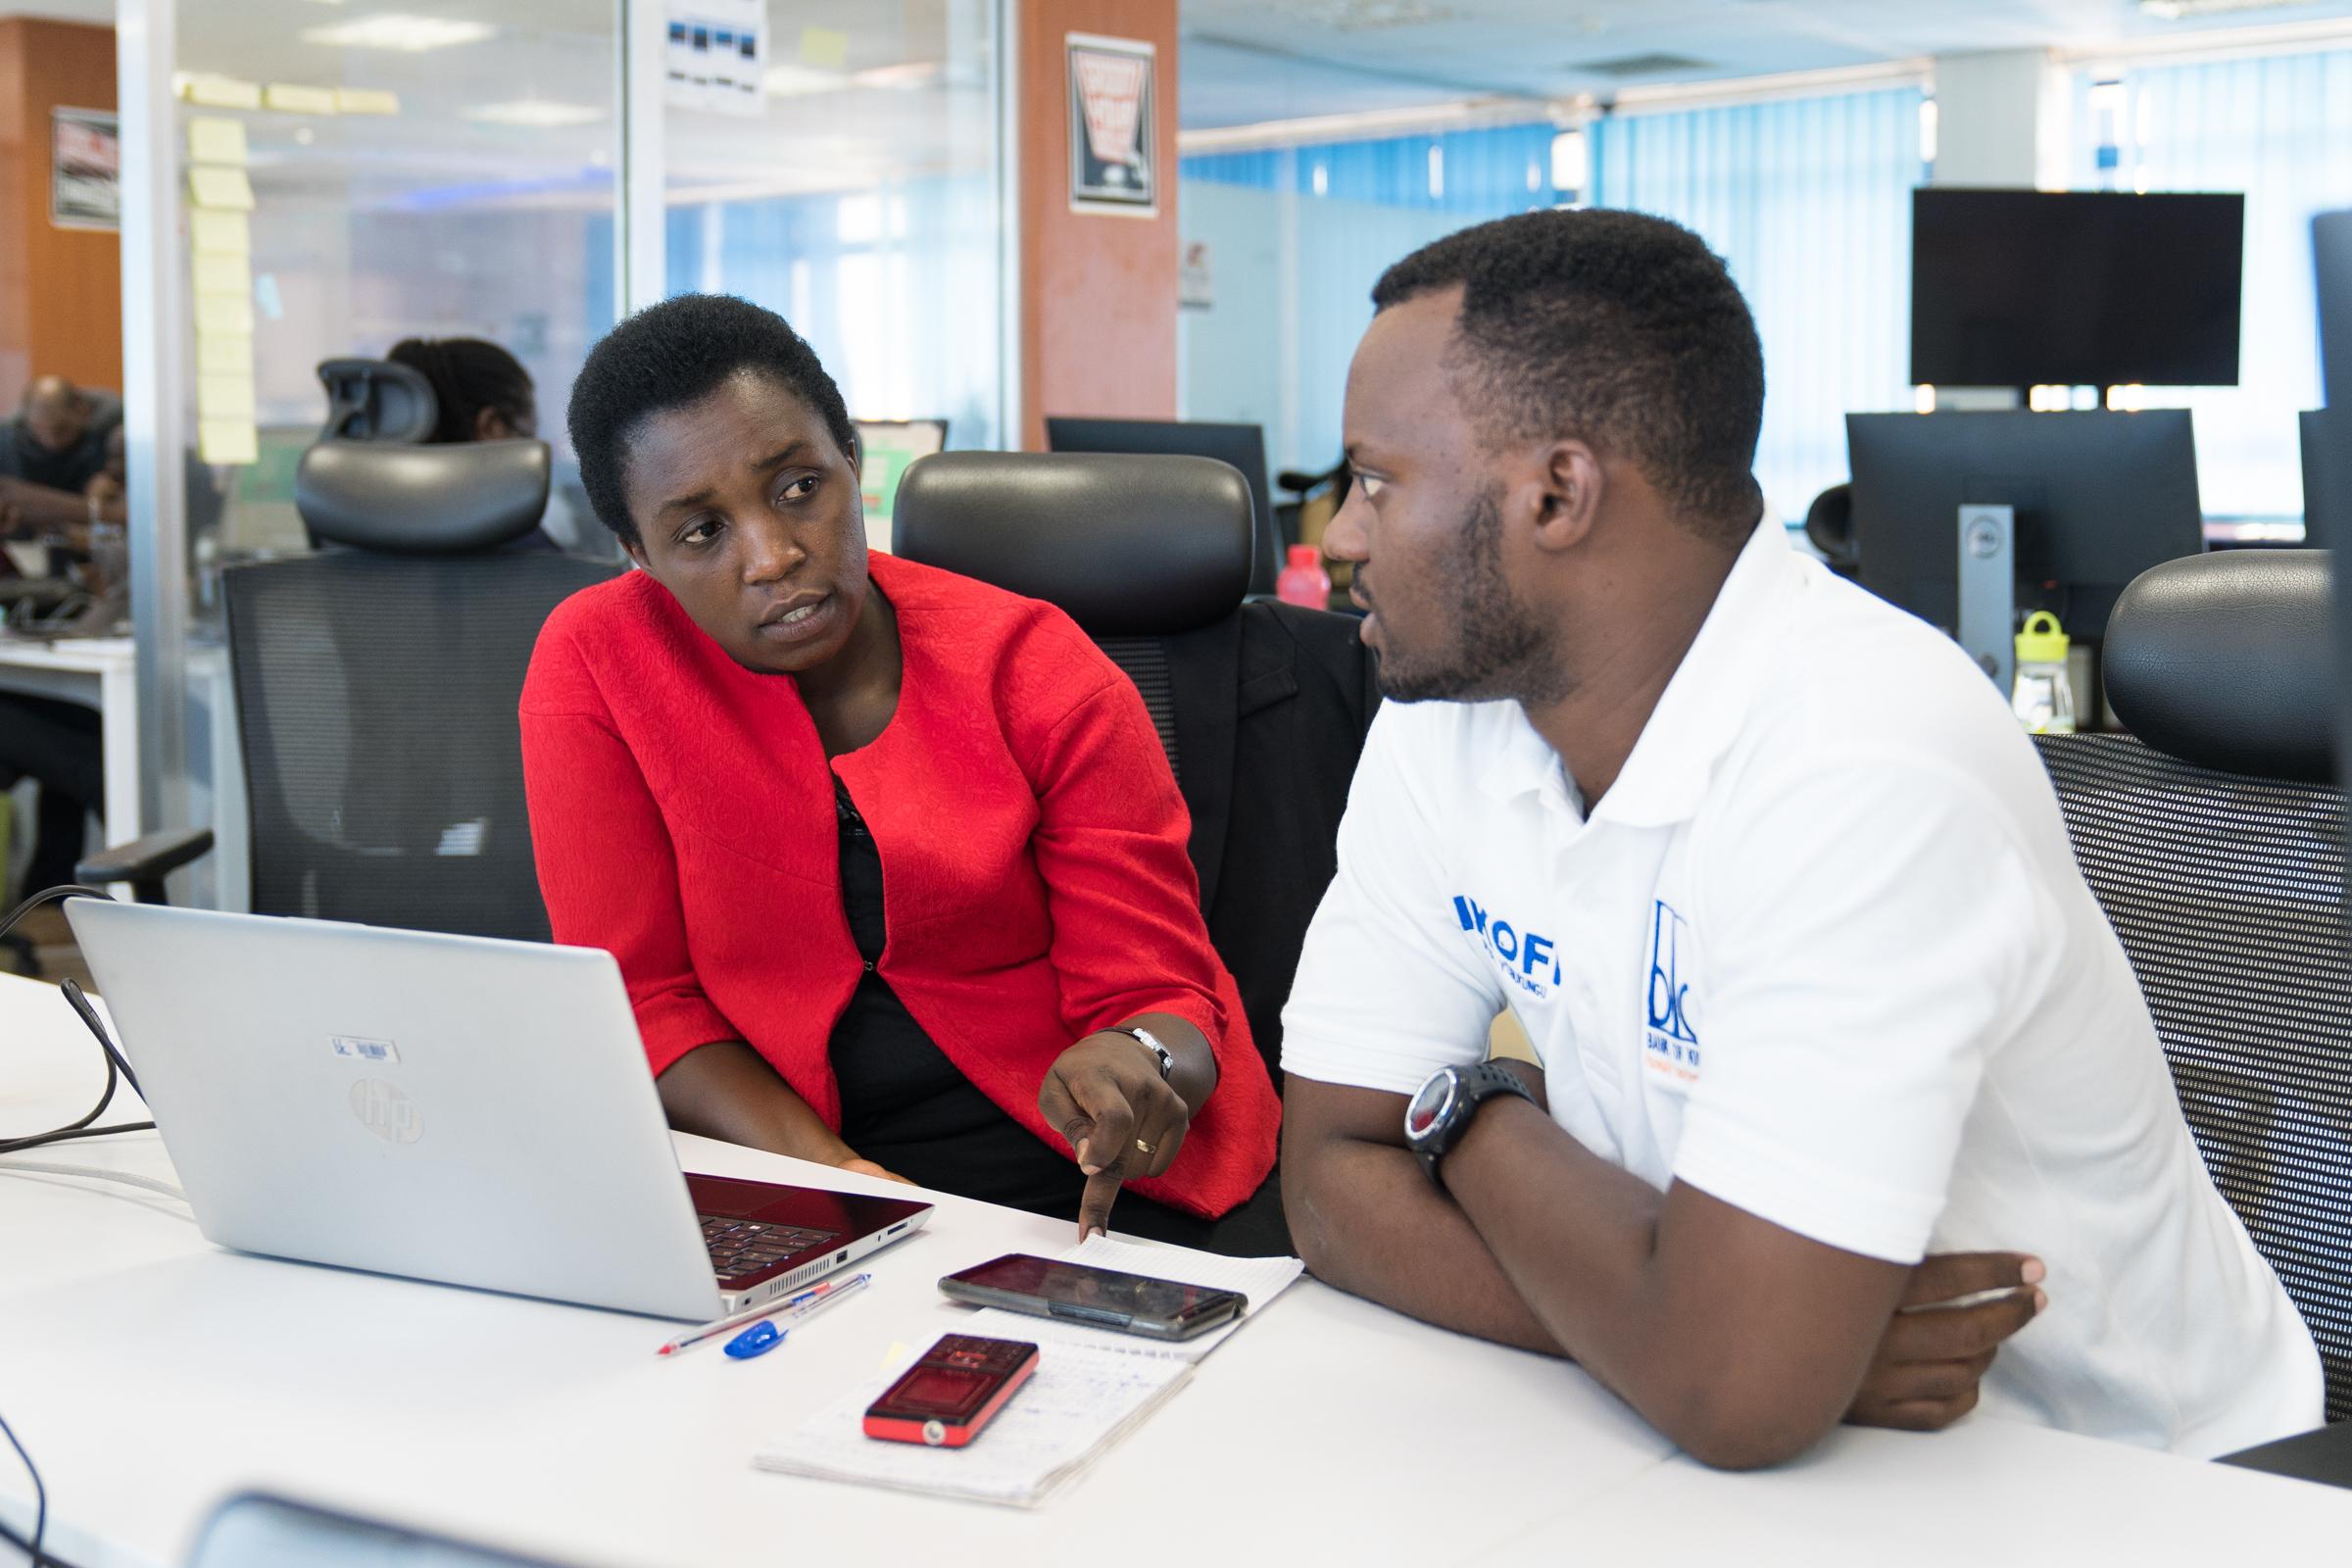 Informatikerin Clothilde Uwineza aus Ruanda im Gespräch mit einem Kollegen am Arbeitsplatz